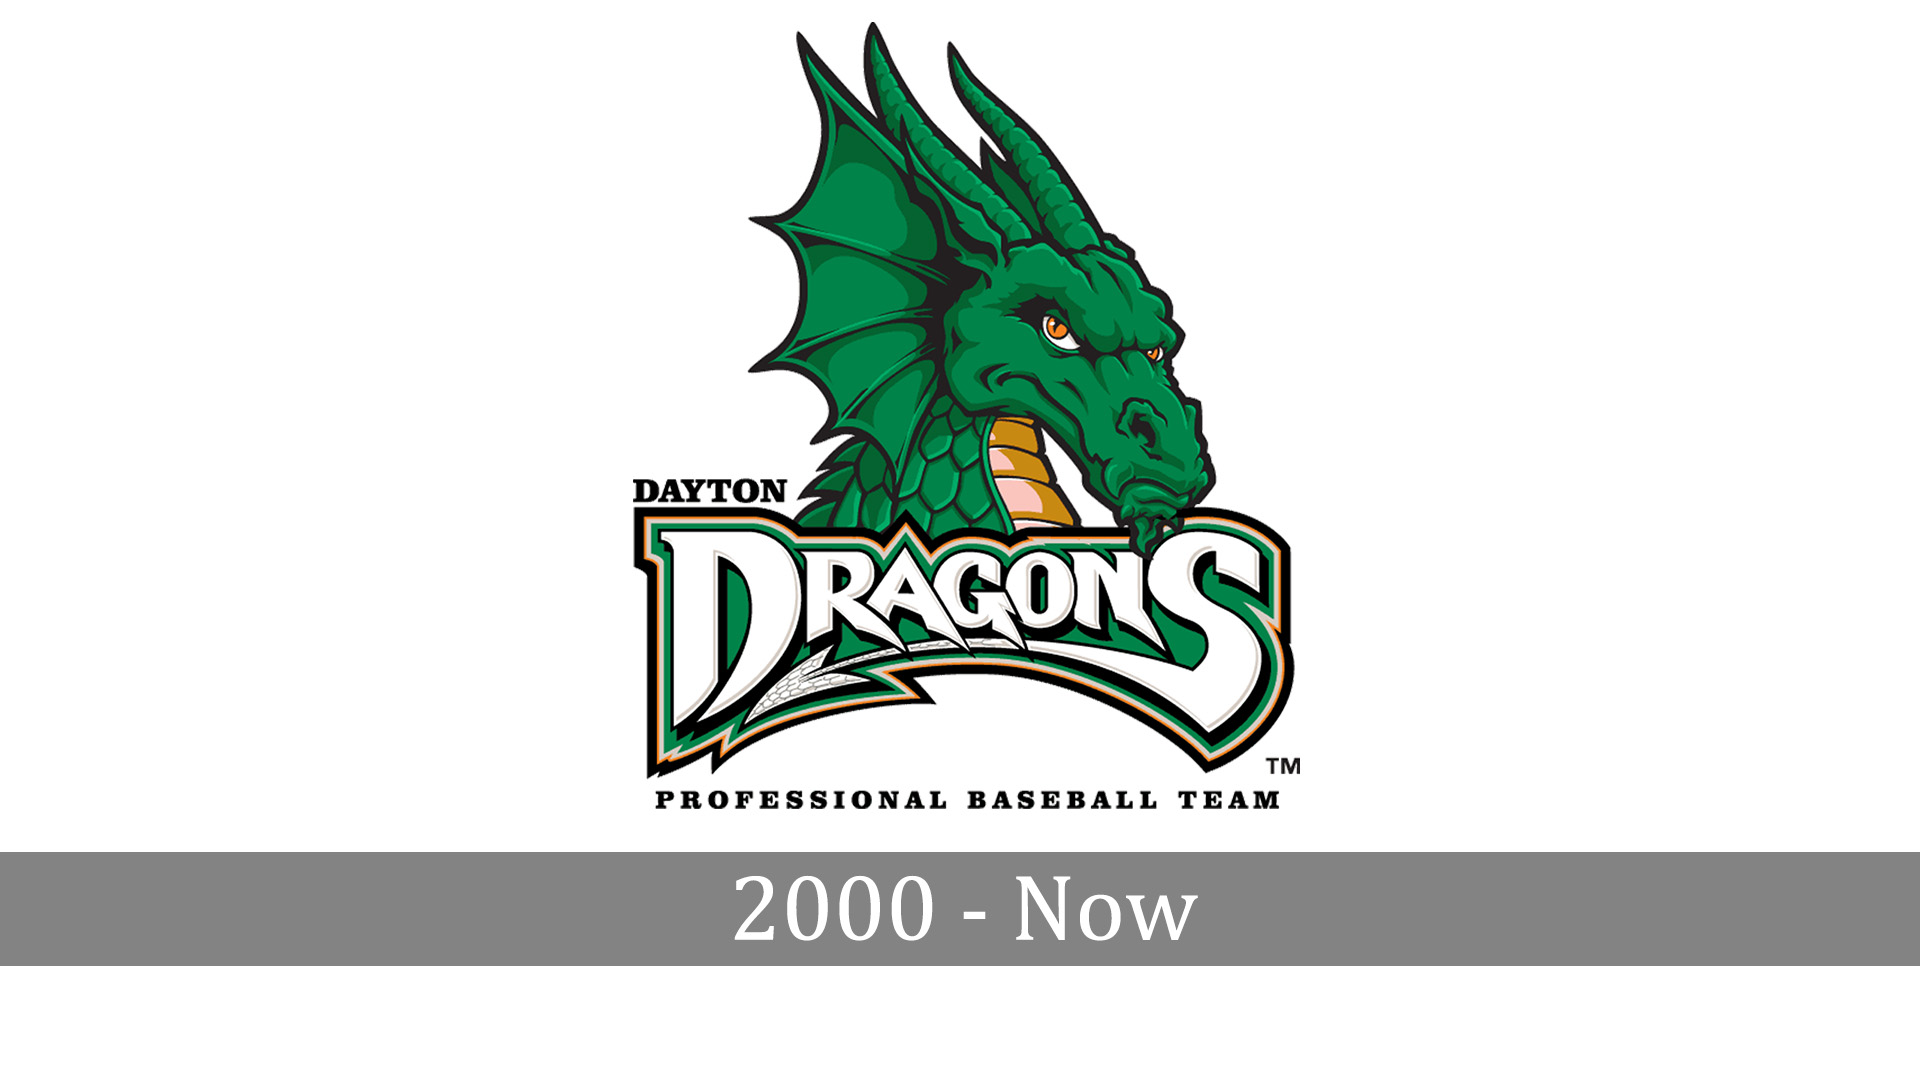 Meaning Dayton Dragons logo and symbol.